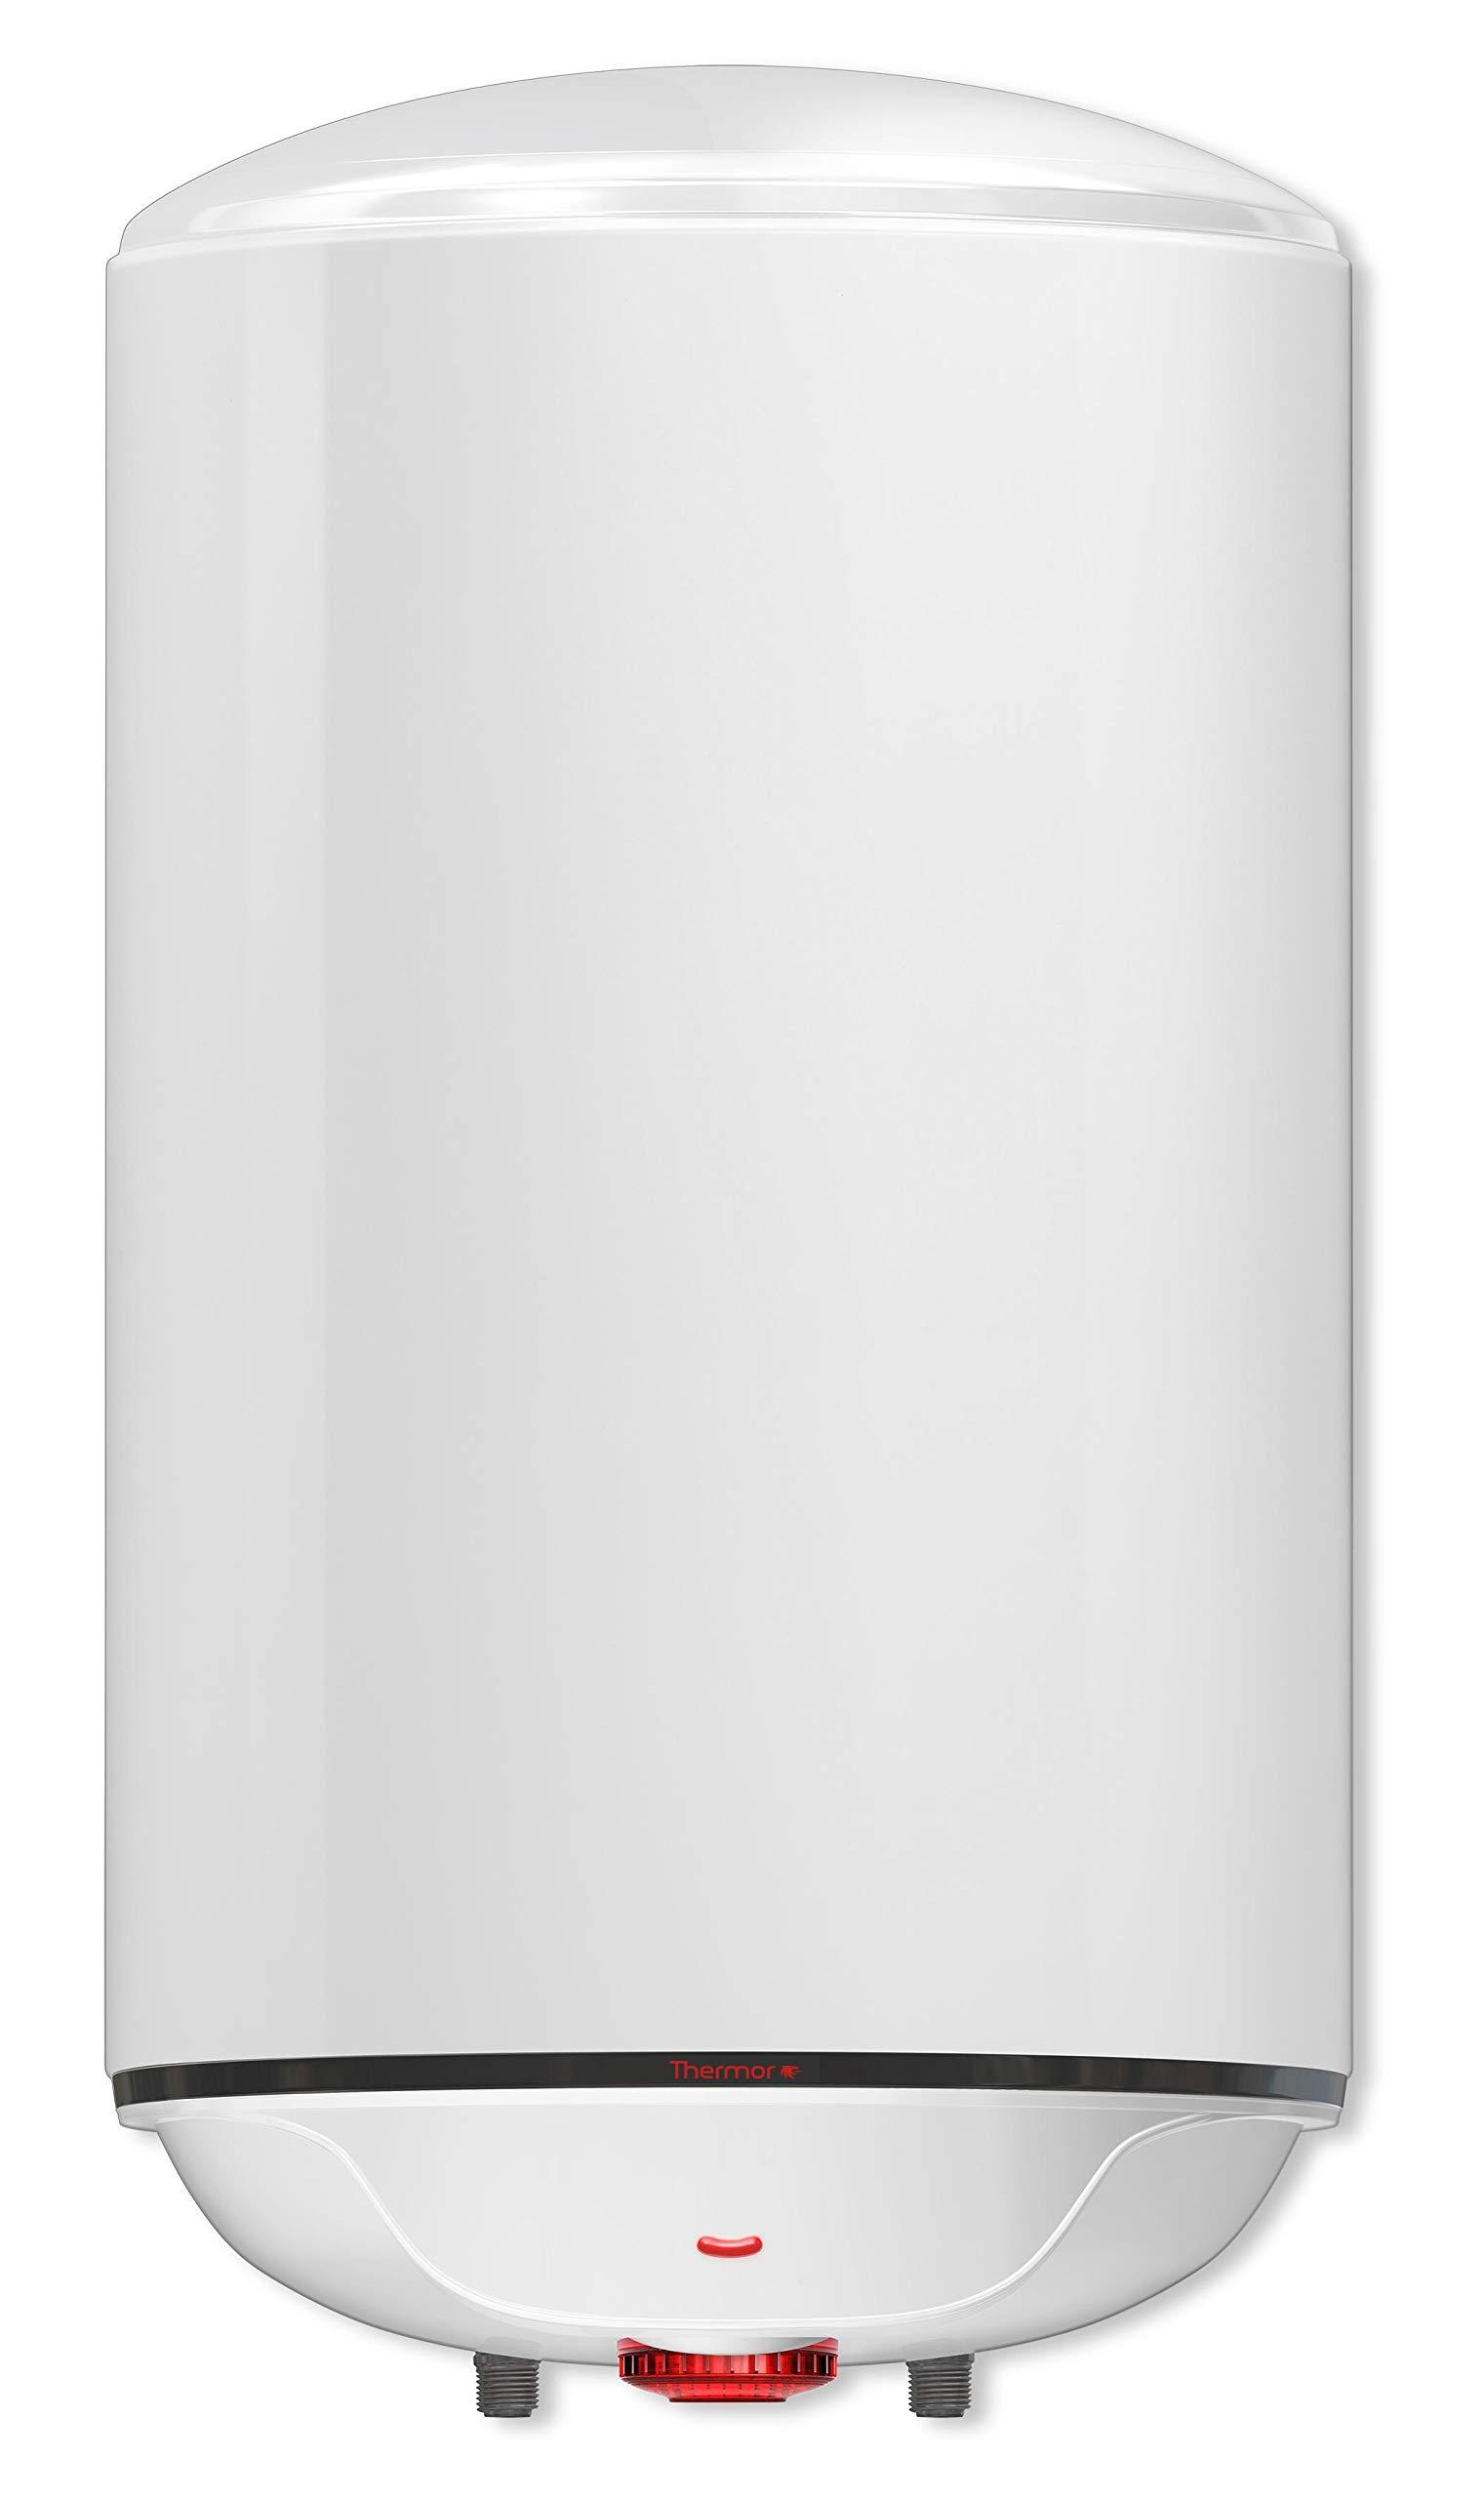 Termo eléctrico Thermor Concept 50Litros